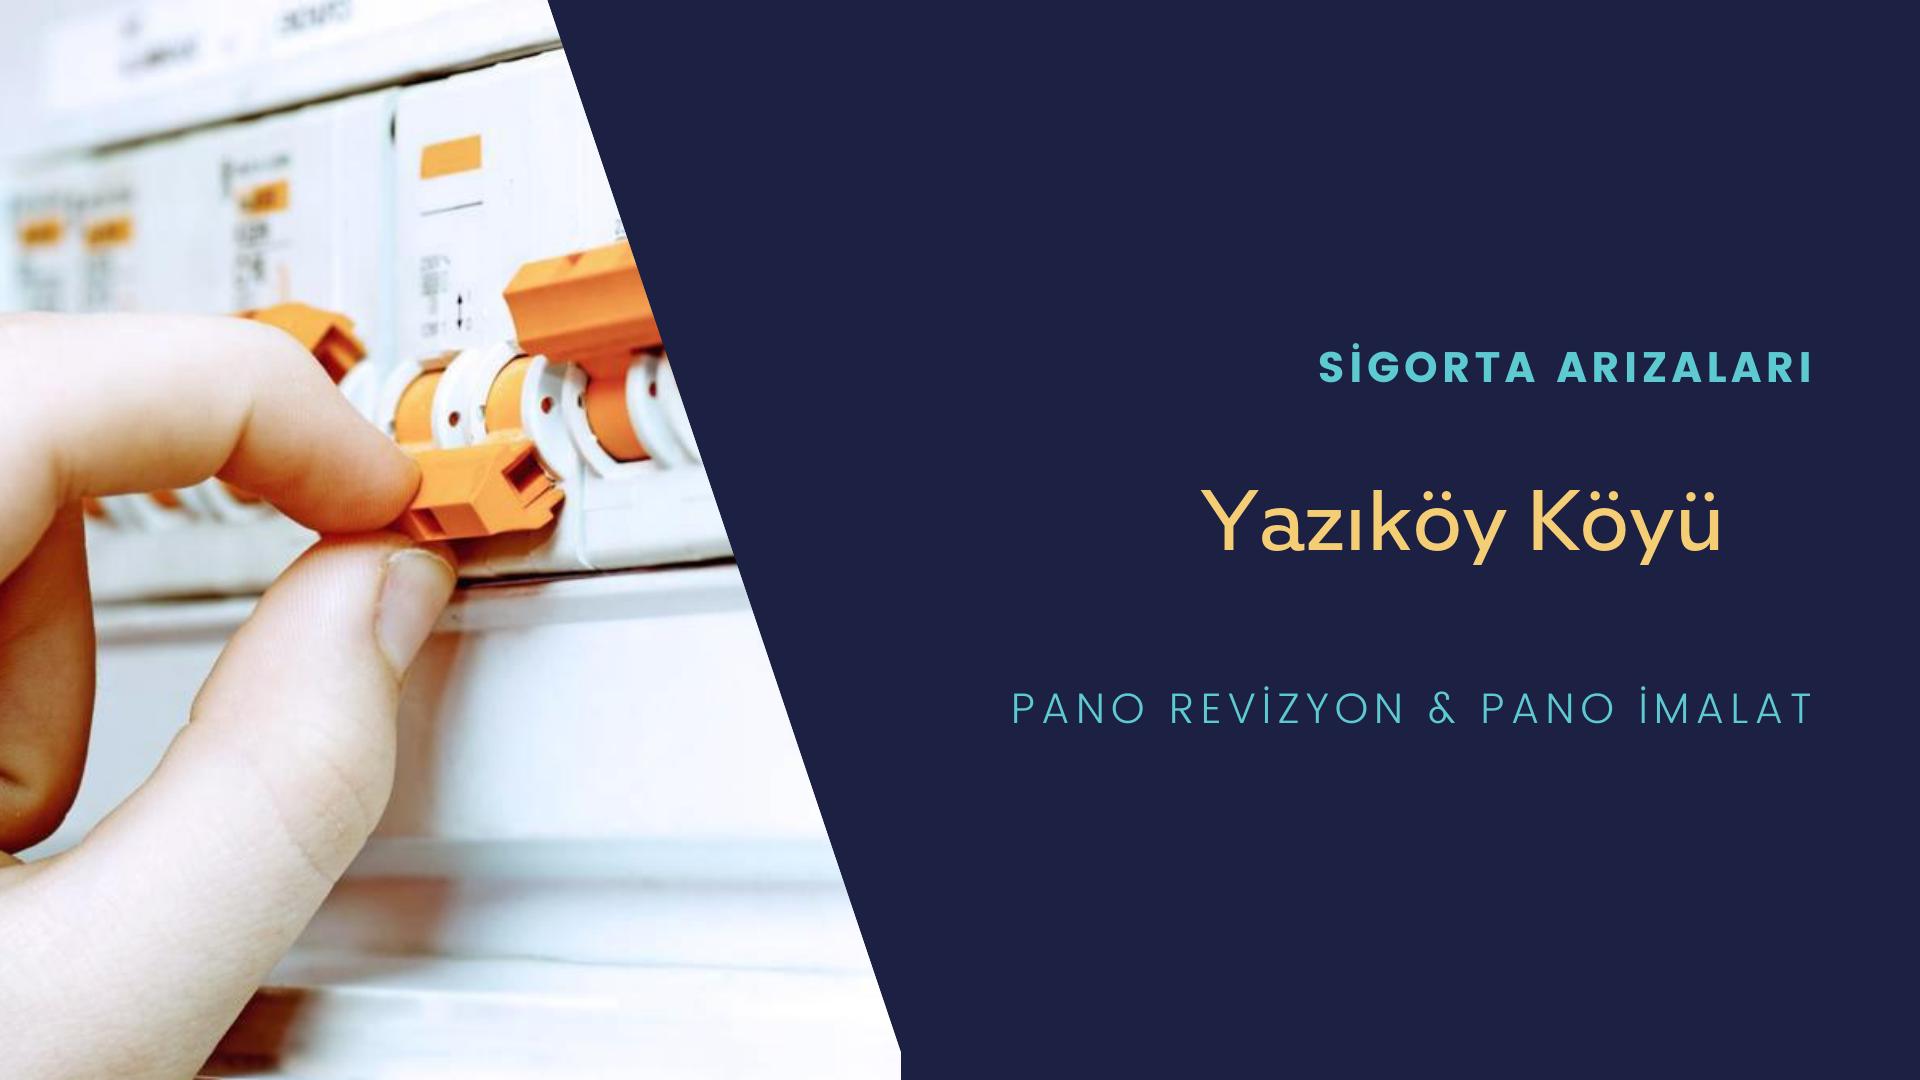 Yazıköy Köyü Sigorta Arızaları İçin Profesyonel Elektrikçi ustalarımızı dilediğiniz zaman arayabilir talepte bulunabilirsiniz.